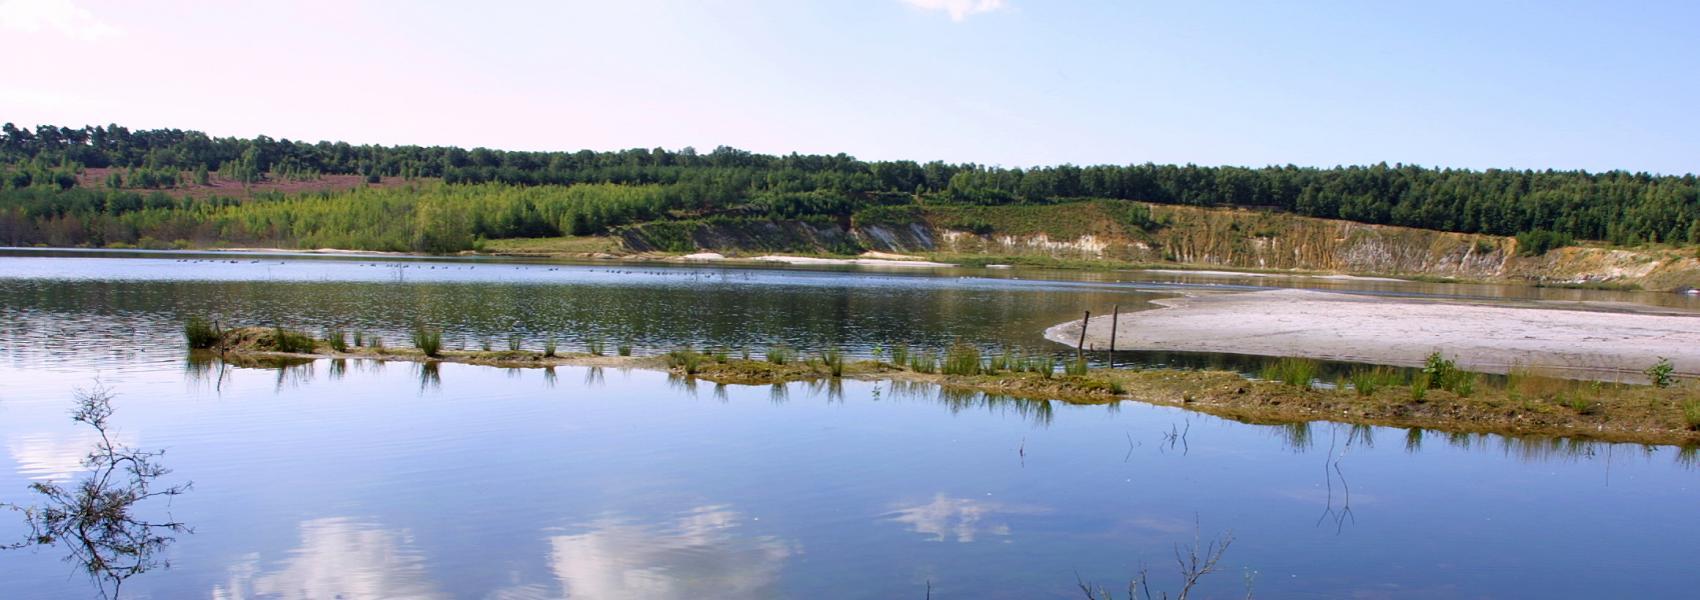 zicht op het waterlandschap